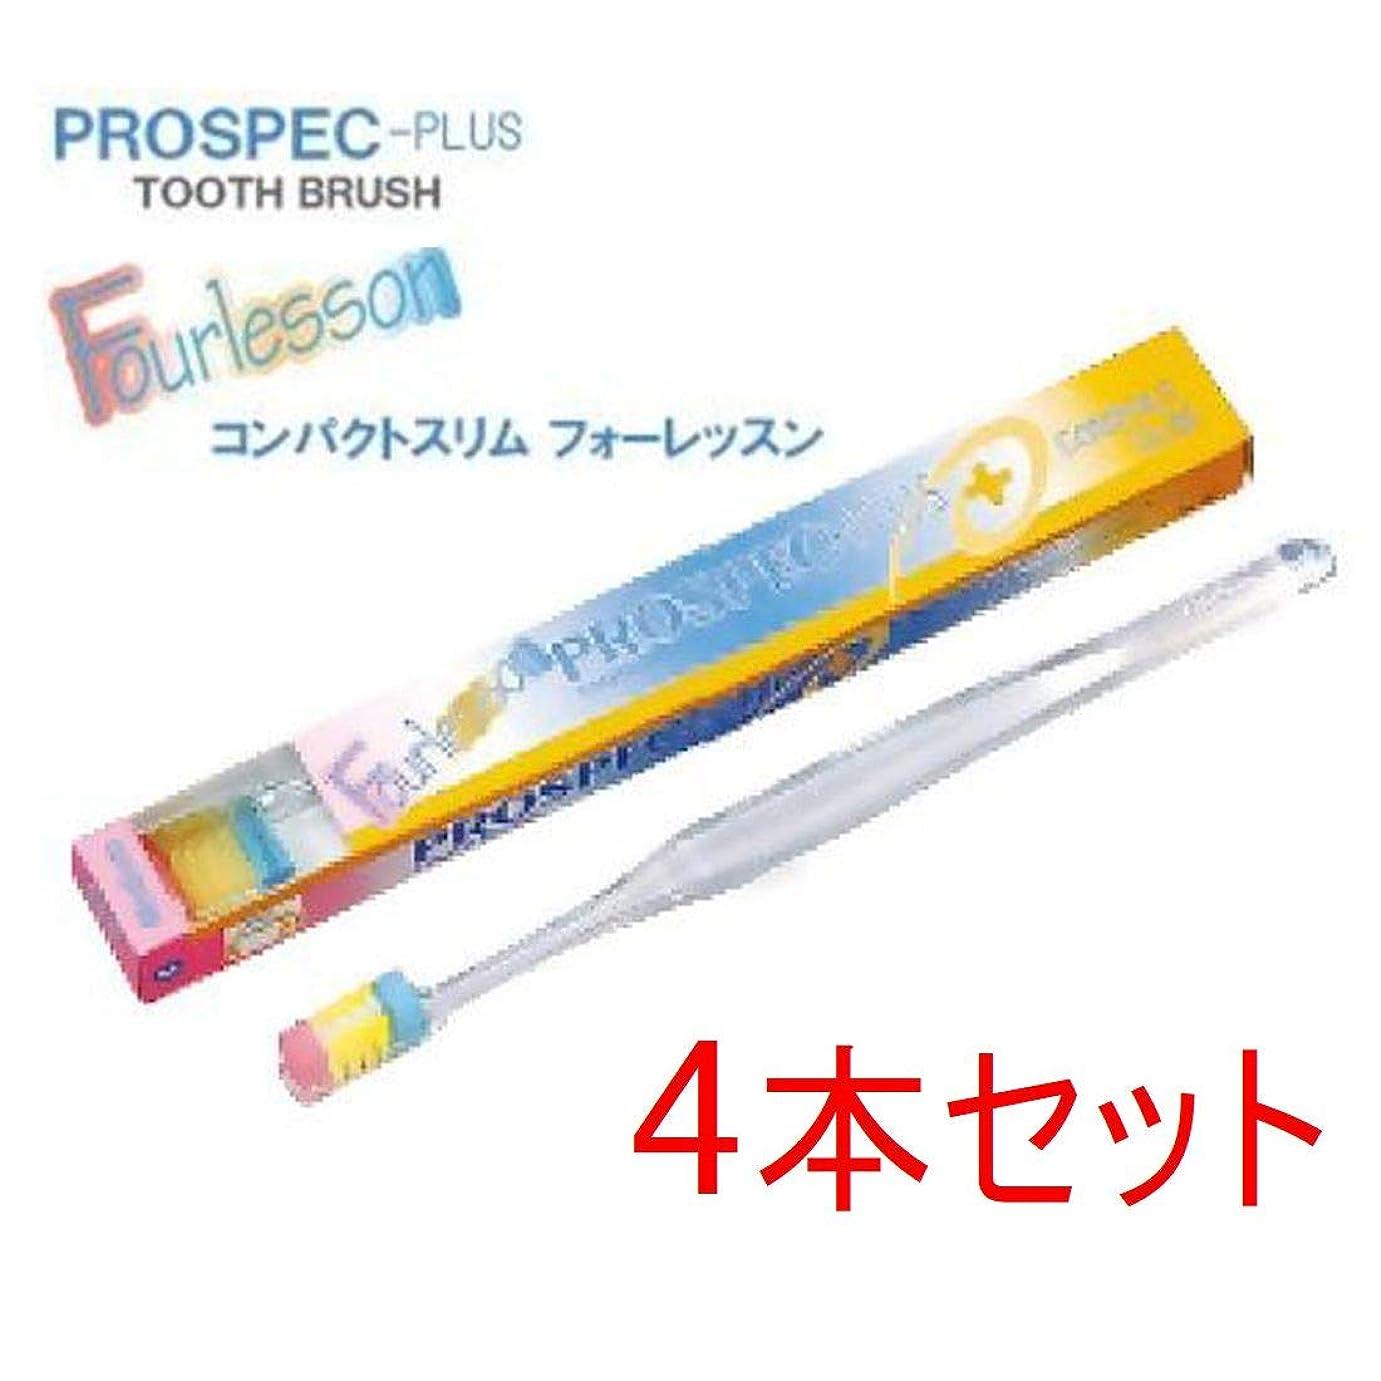 穿孔する老人パラダイスプロスペック 歯ブラシ コンパクトスリム 4本 フォーレッスン 毛の硬さ ふつう